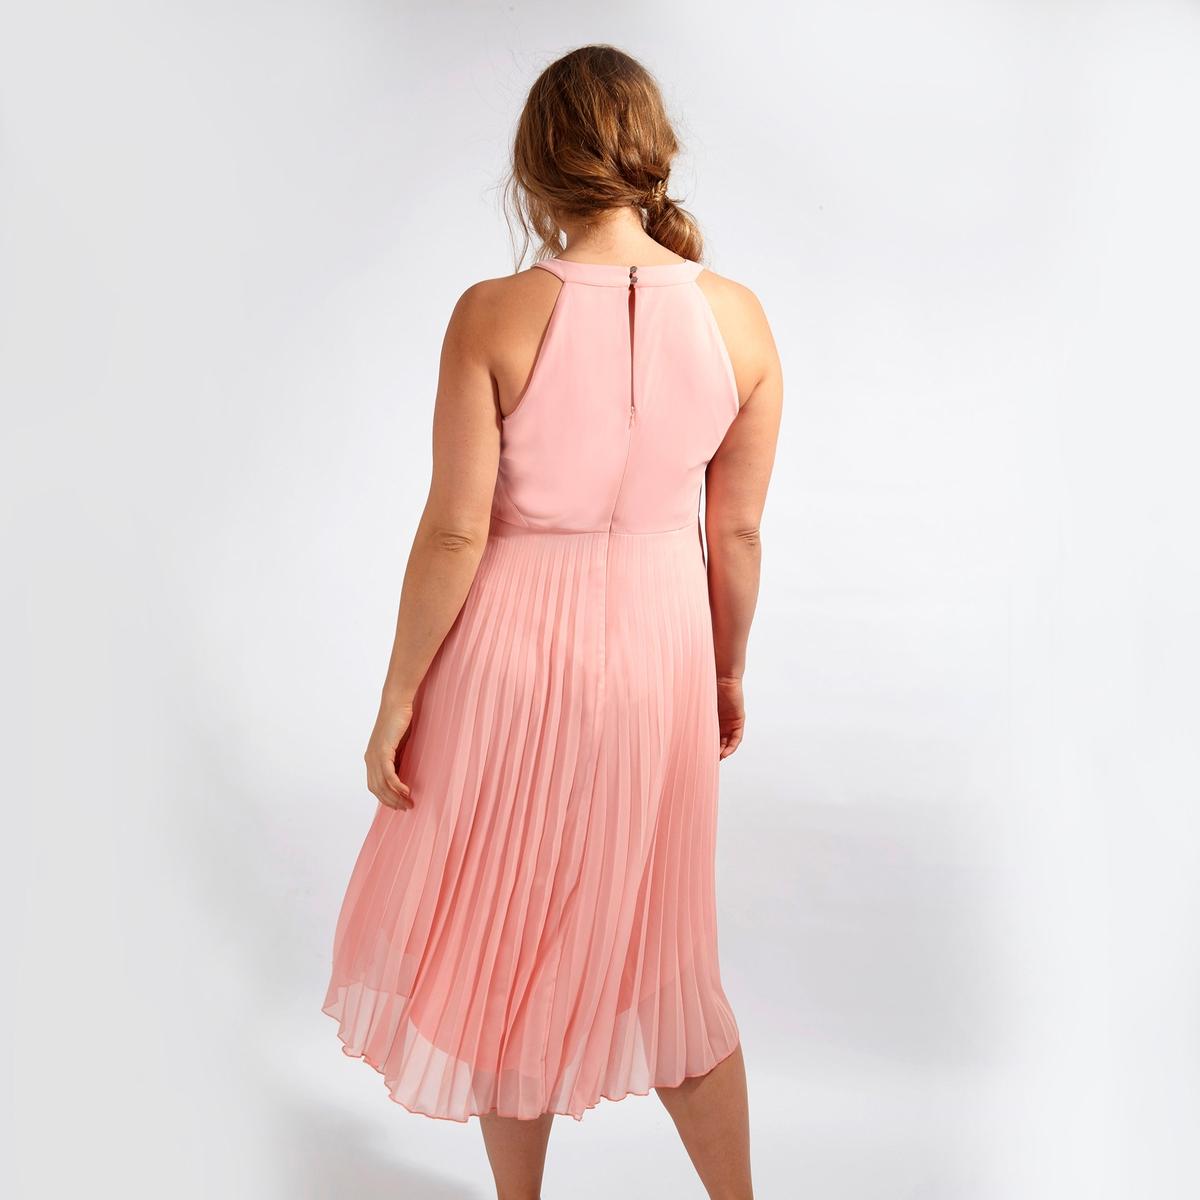 ПлатьеПлатье без рукавов LOVEDROBE. Юбка с эффектом плиссе. Красивый вырез-капля и застёжка на молнию сзади. 100% полиэстер<br><br>Цвет: бледно-розовый